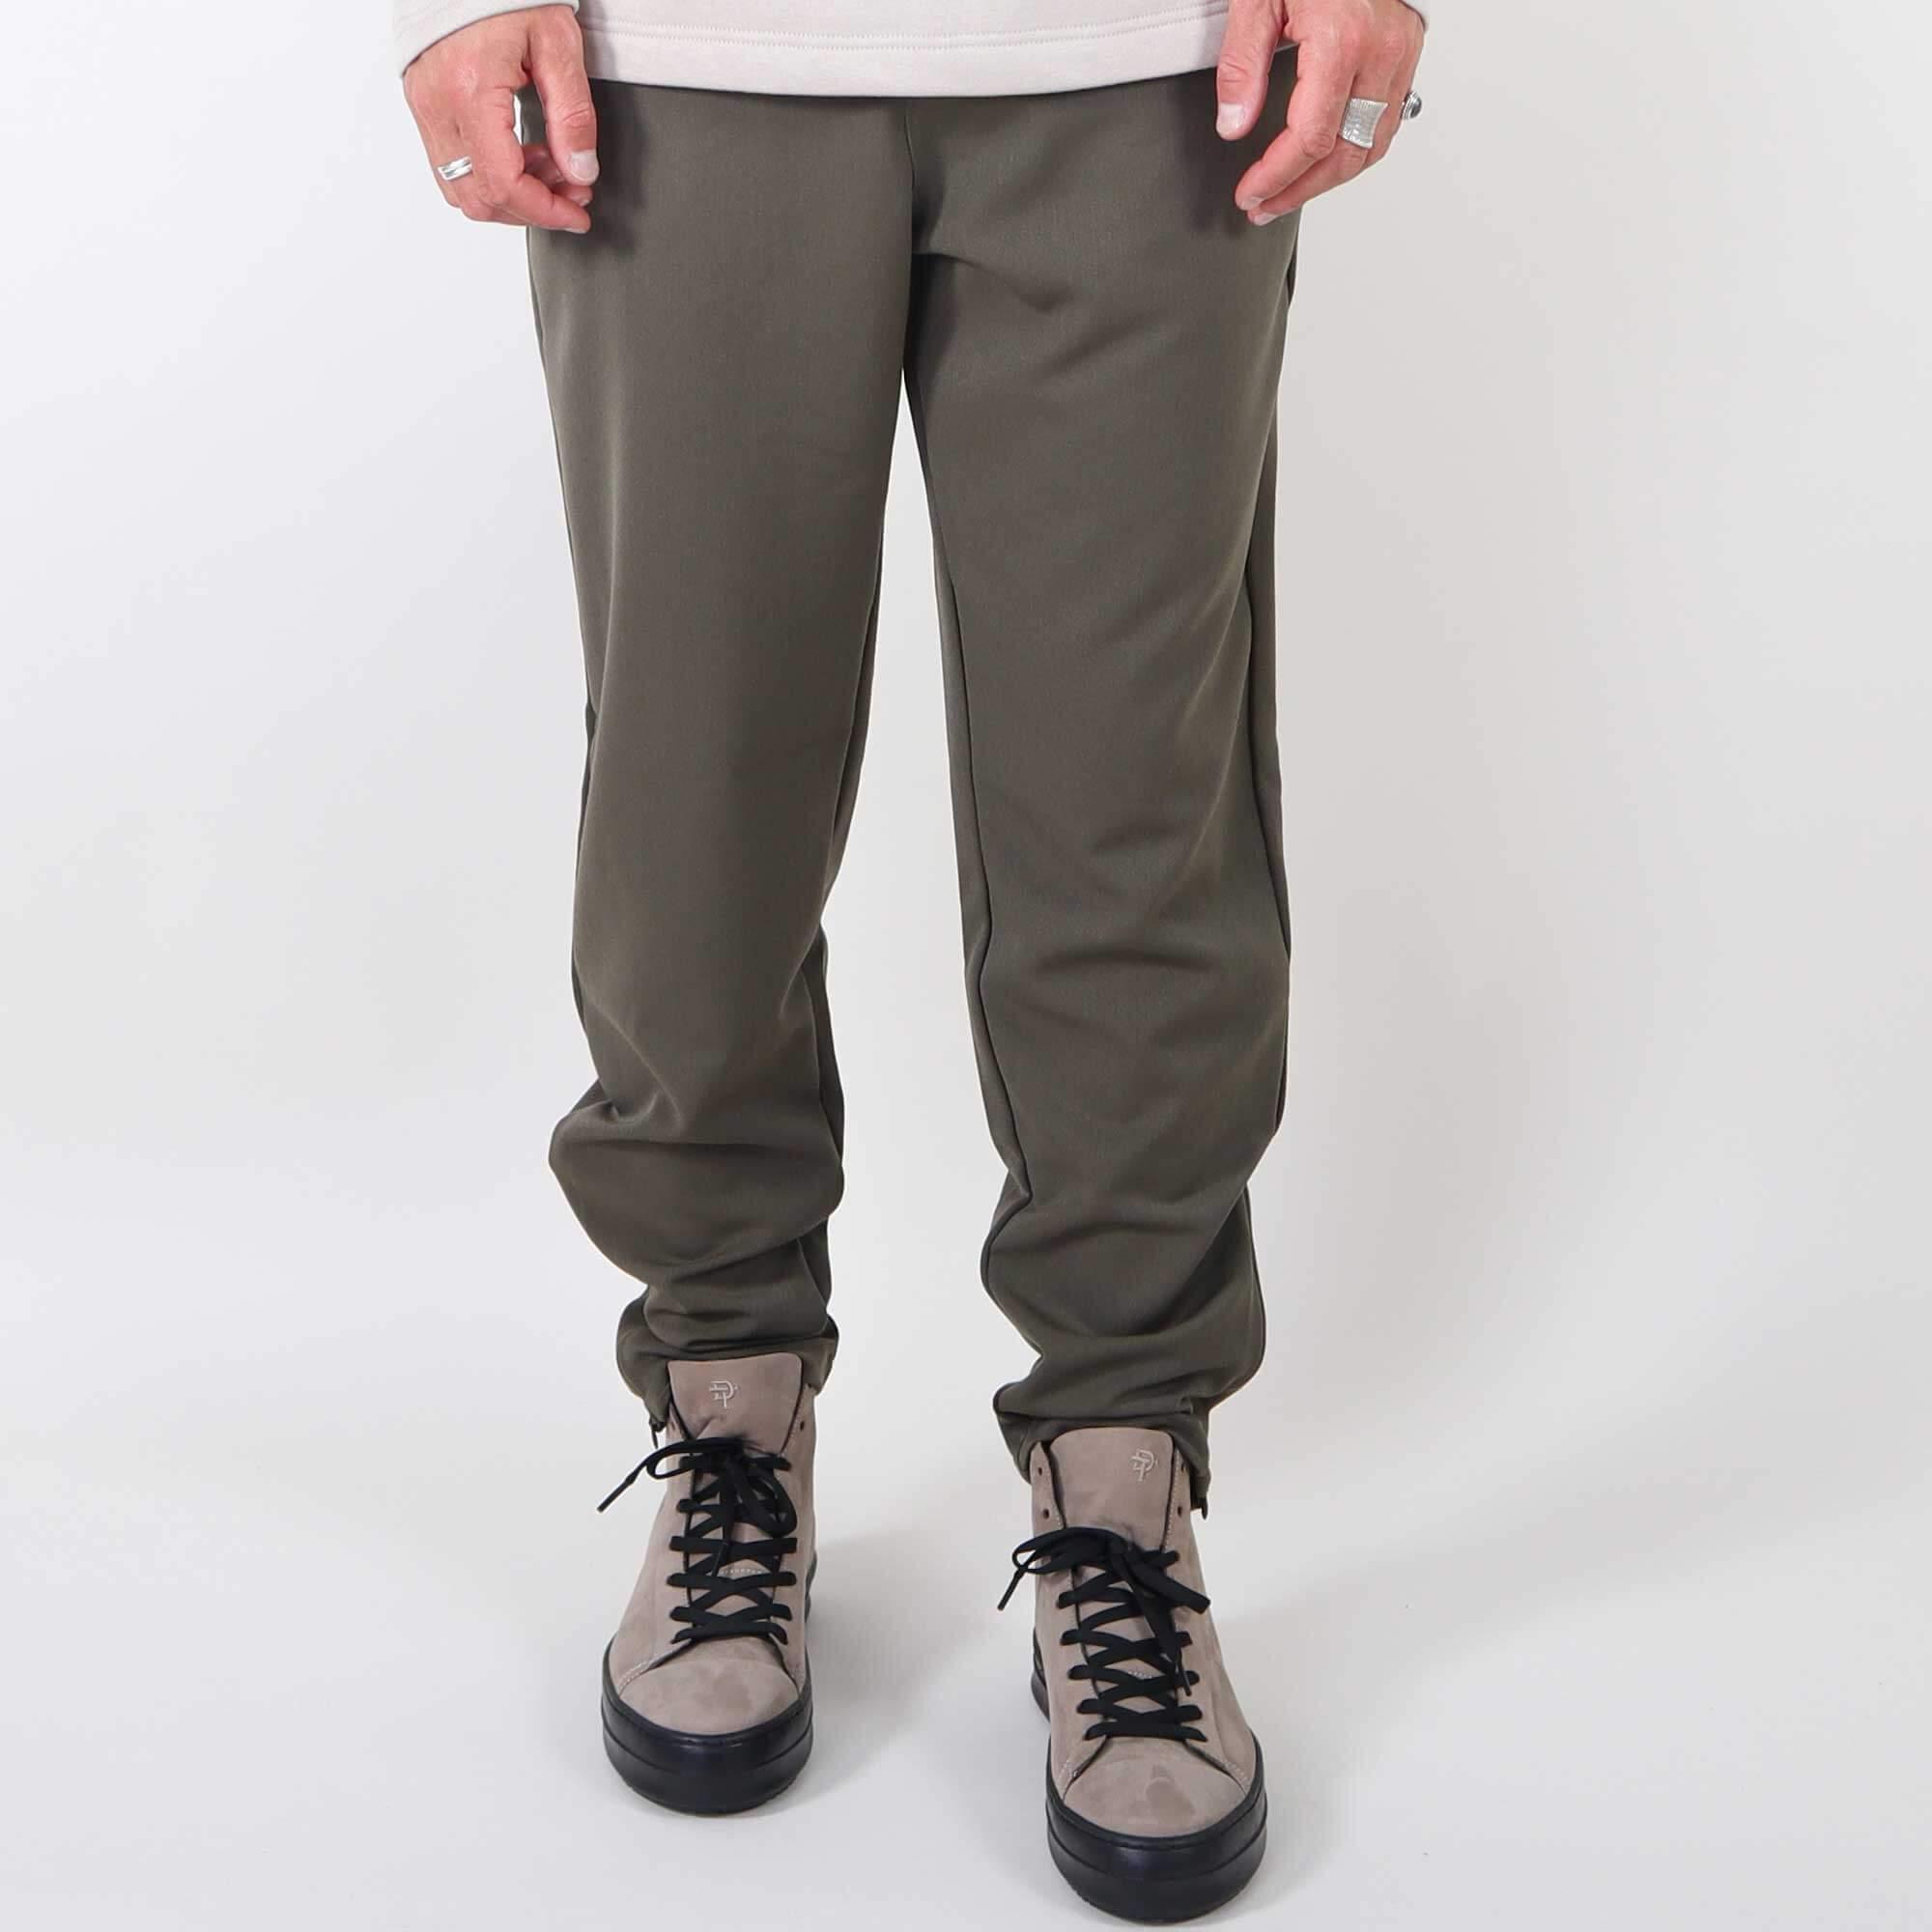 pantalon-groen-1